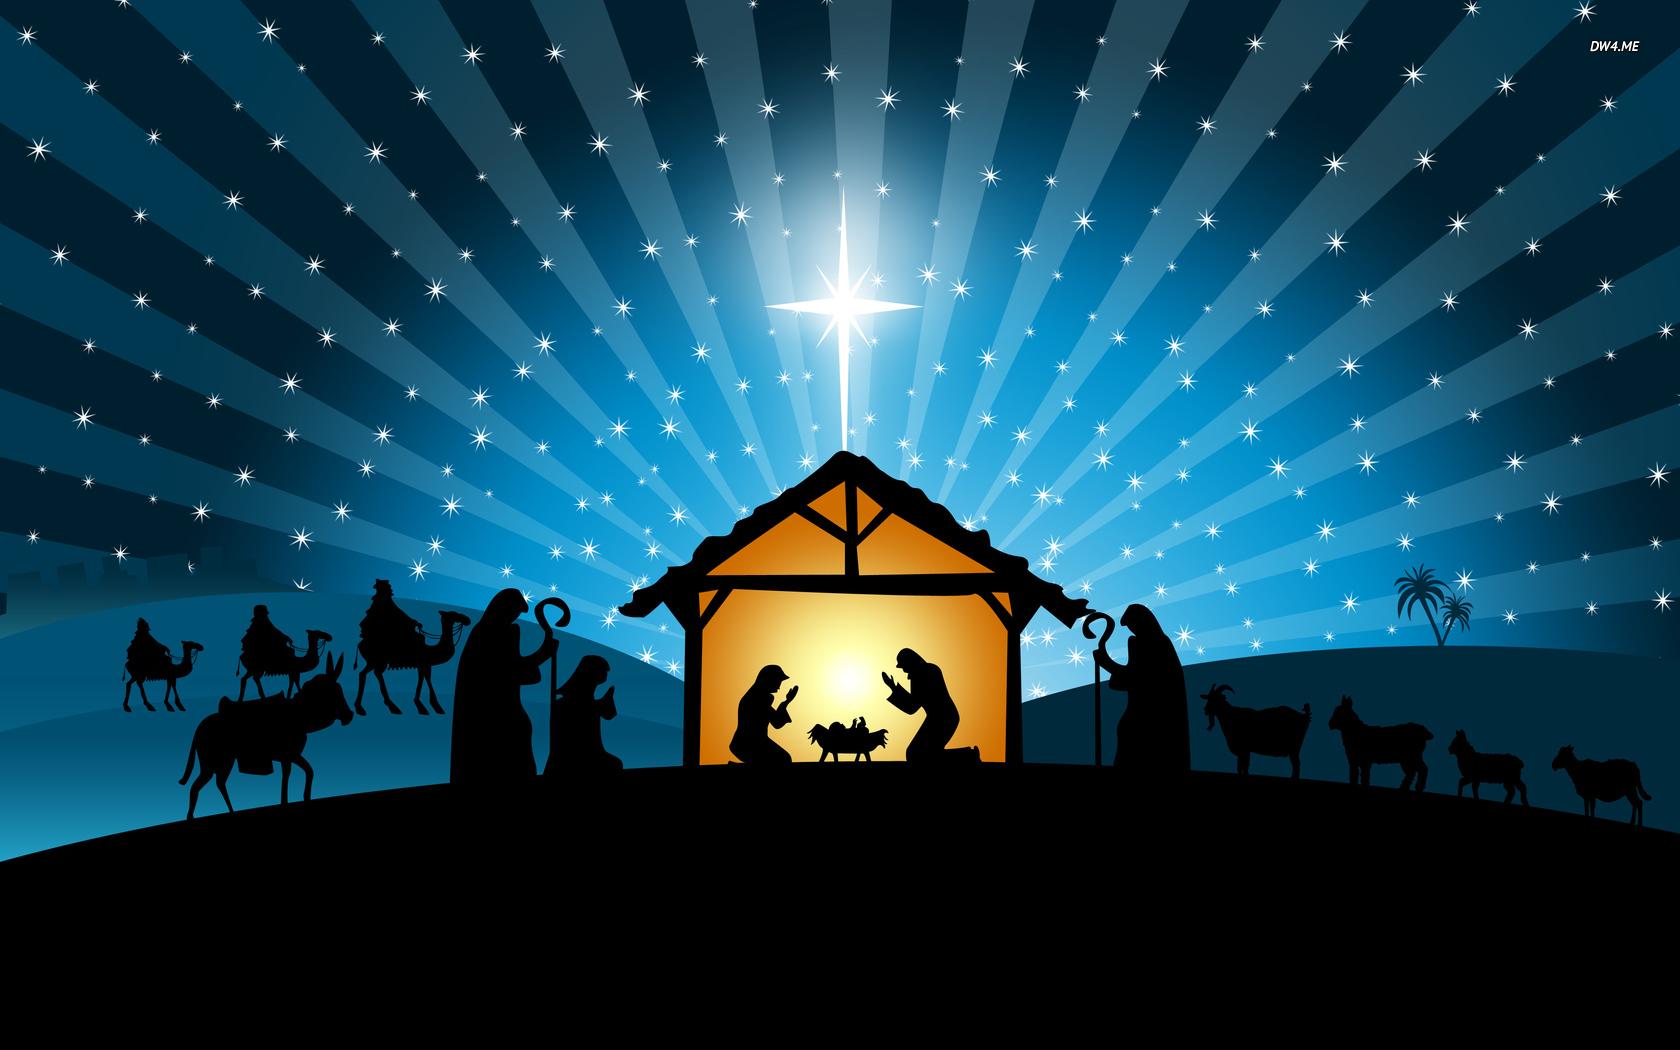 Nativity Scene Wallpaper - WallpaperSafari